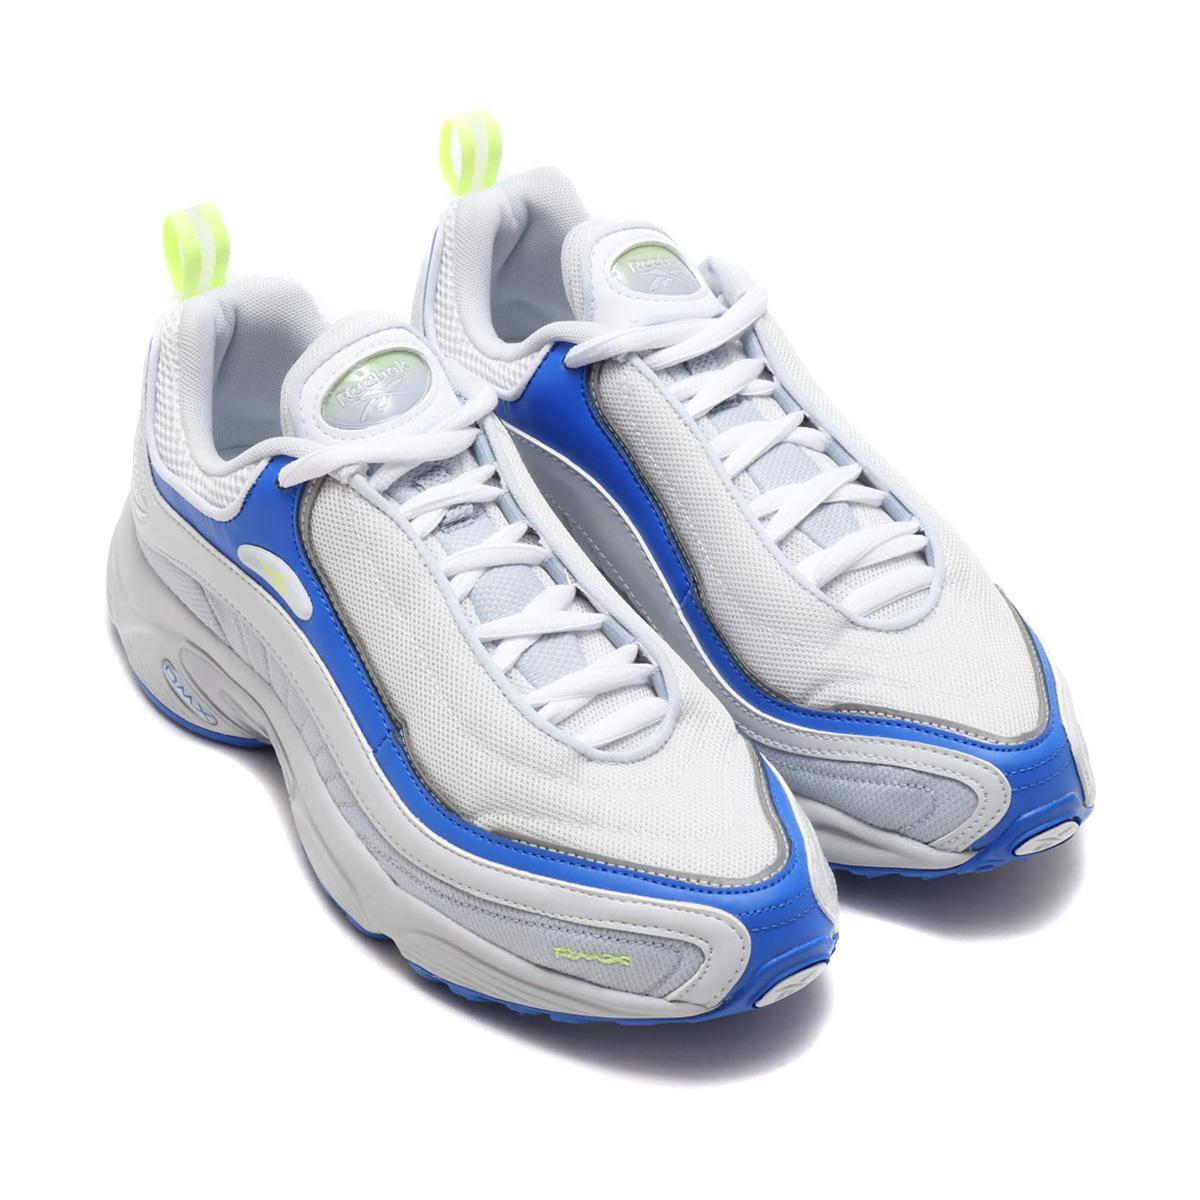 Reebok DAYTONA DMX SC(リーボック デイトナ DMX SC)SPIRIT WHITE/WHITE/CLOUD GRAY/VITAL BLUE/LEMON【メンズ スニーカー】18FW-I